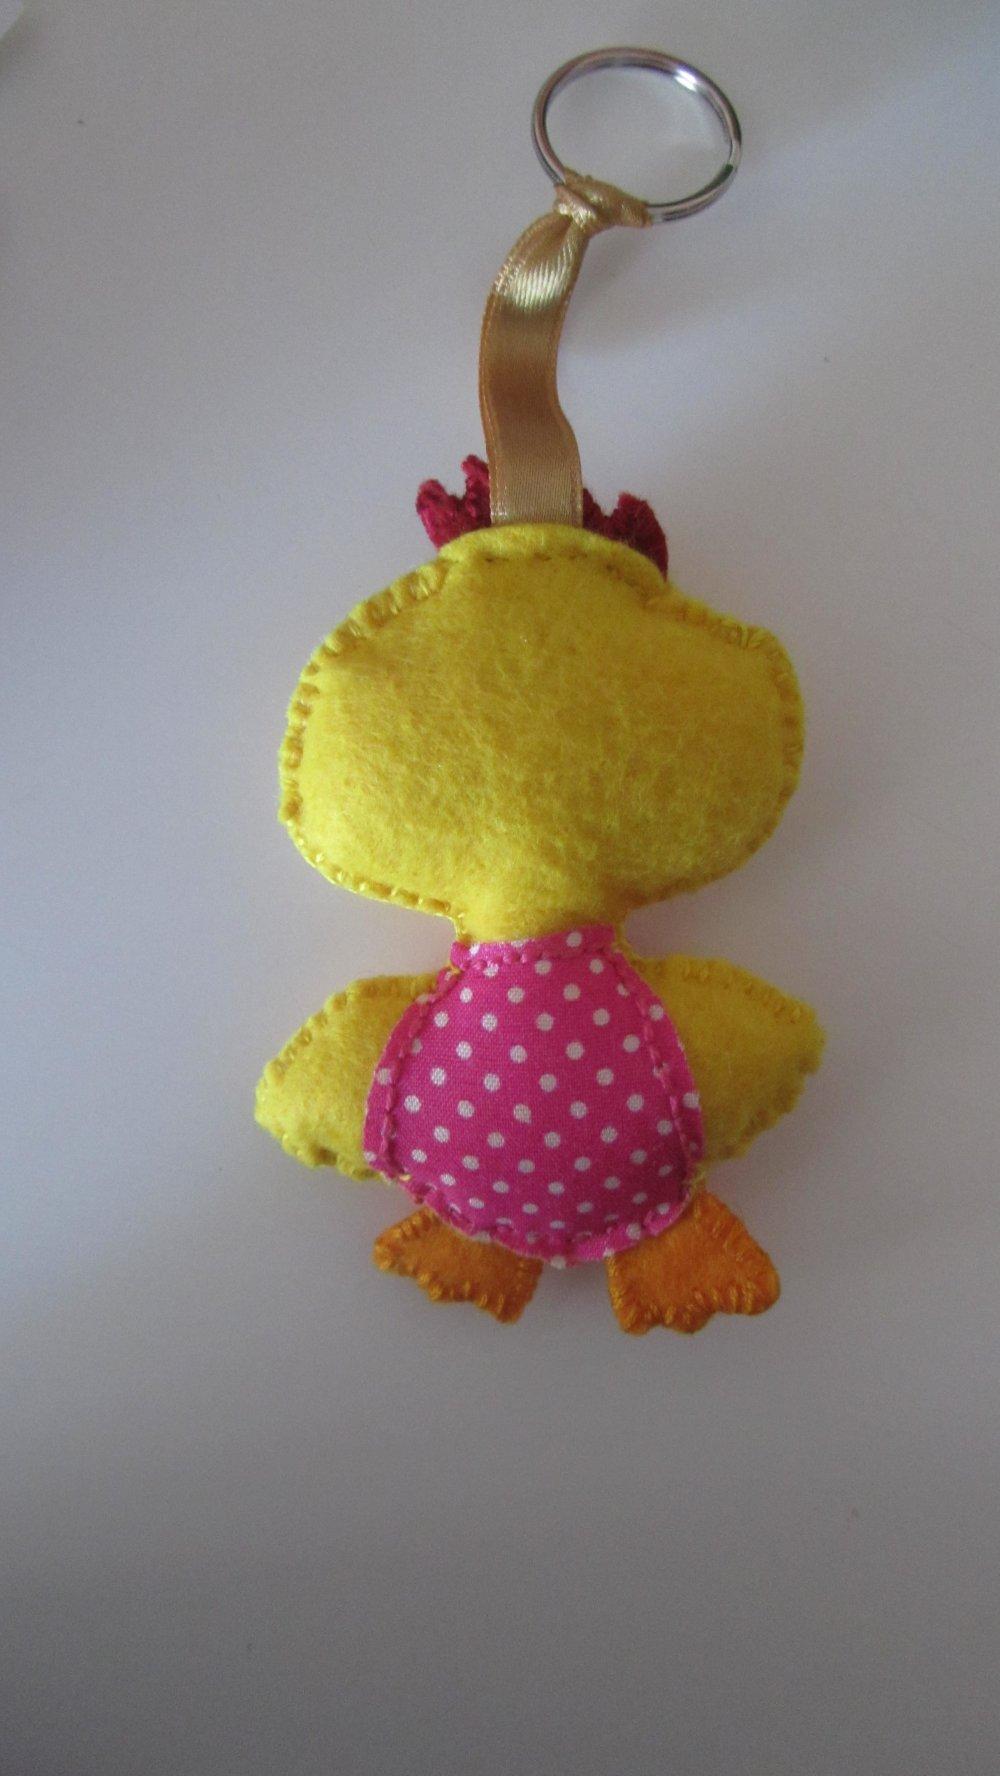 porte clés en feutrine représentant un poussin jaune